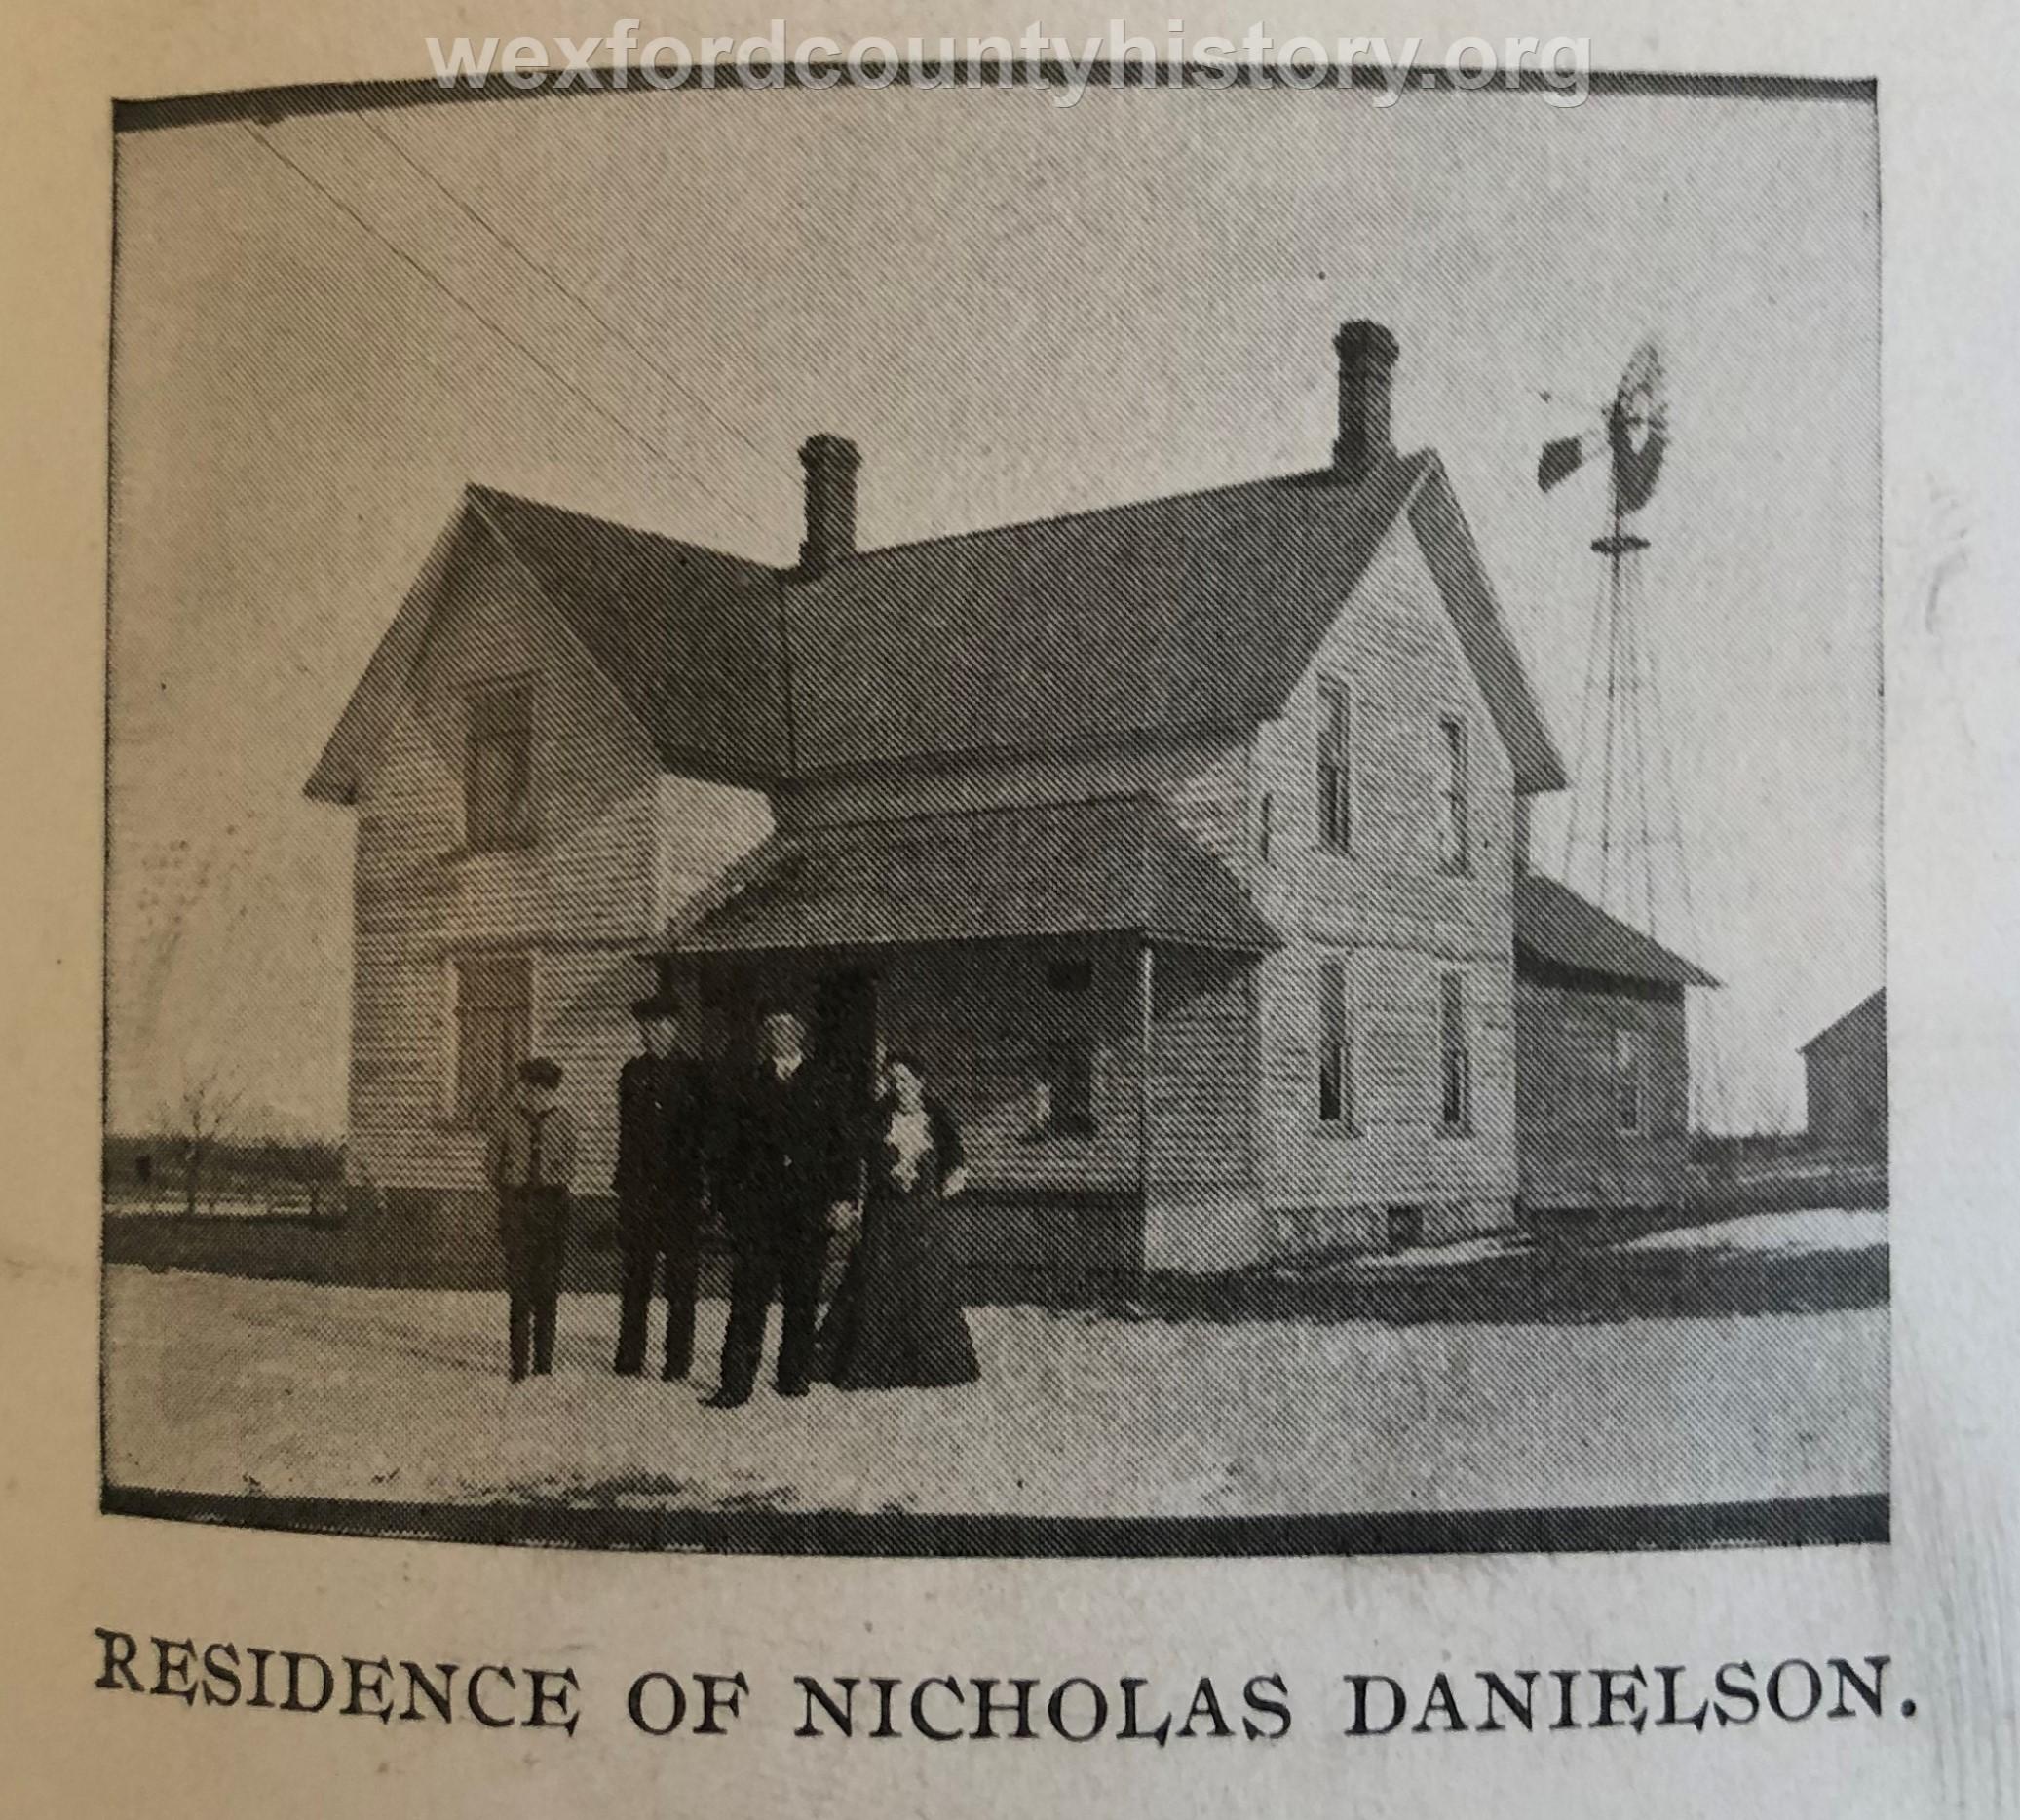 Nicholas Danielson House